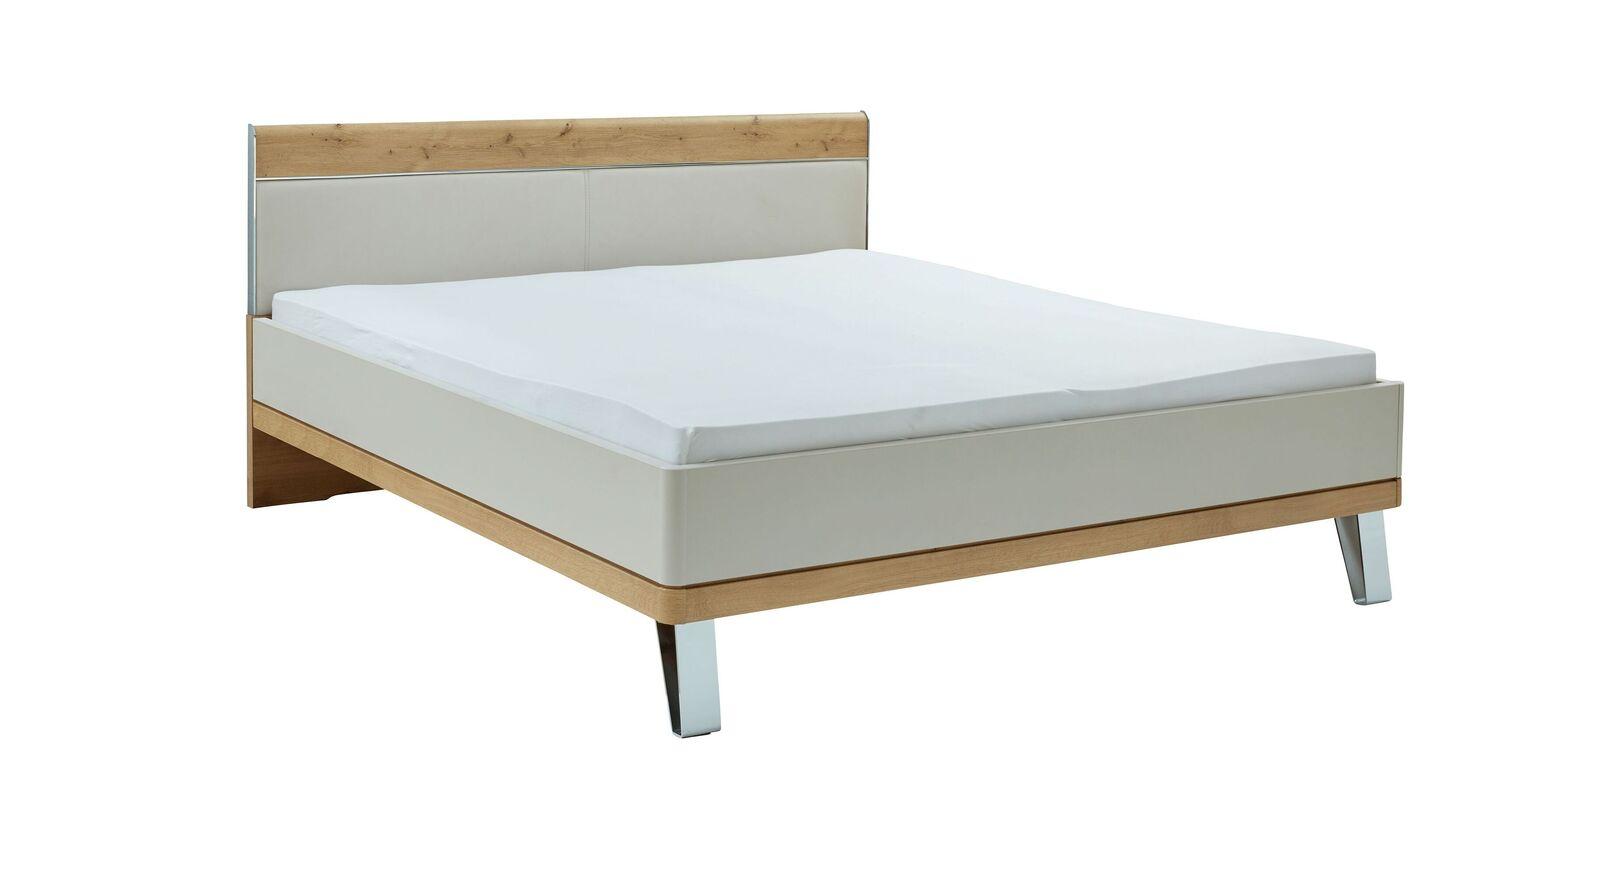 INTERLIVING Bett 1017 mit Kunstleder-Einsatz im Kopfteil